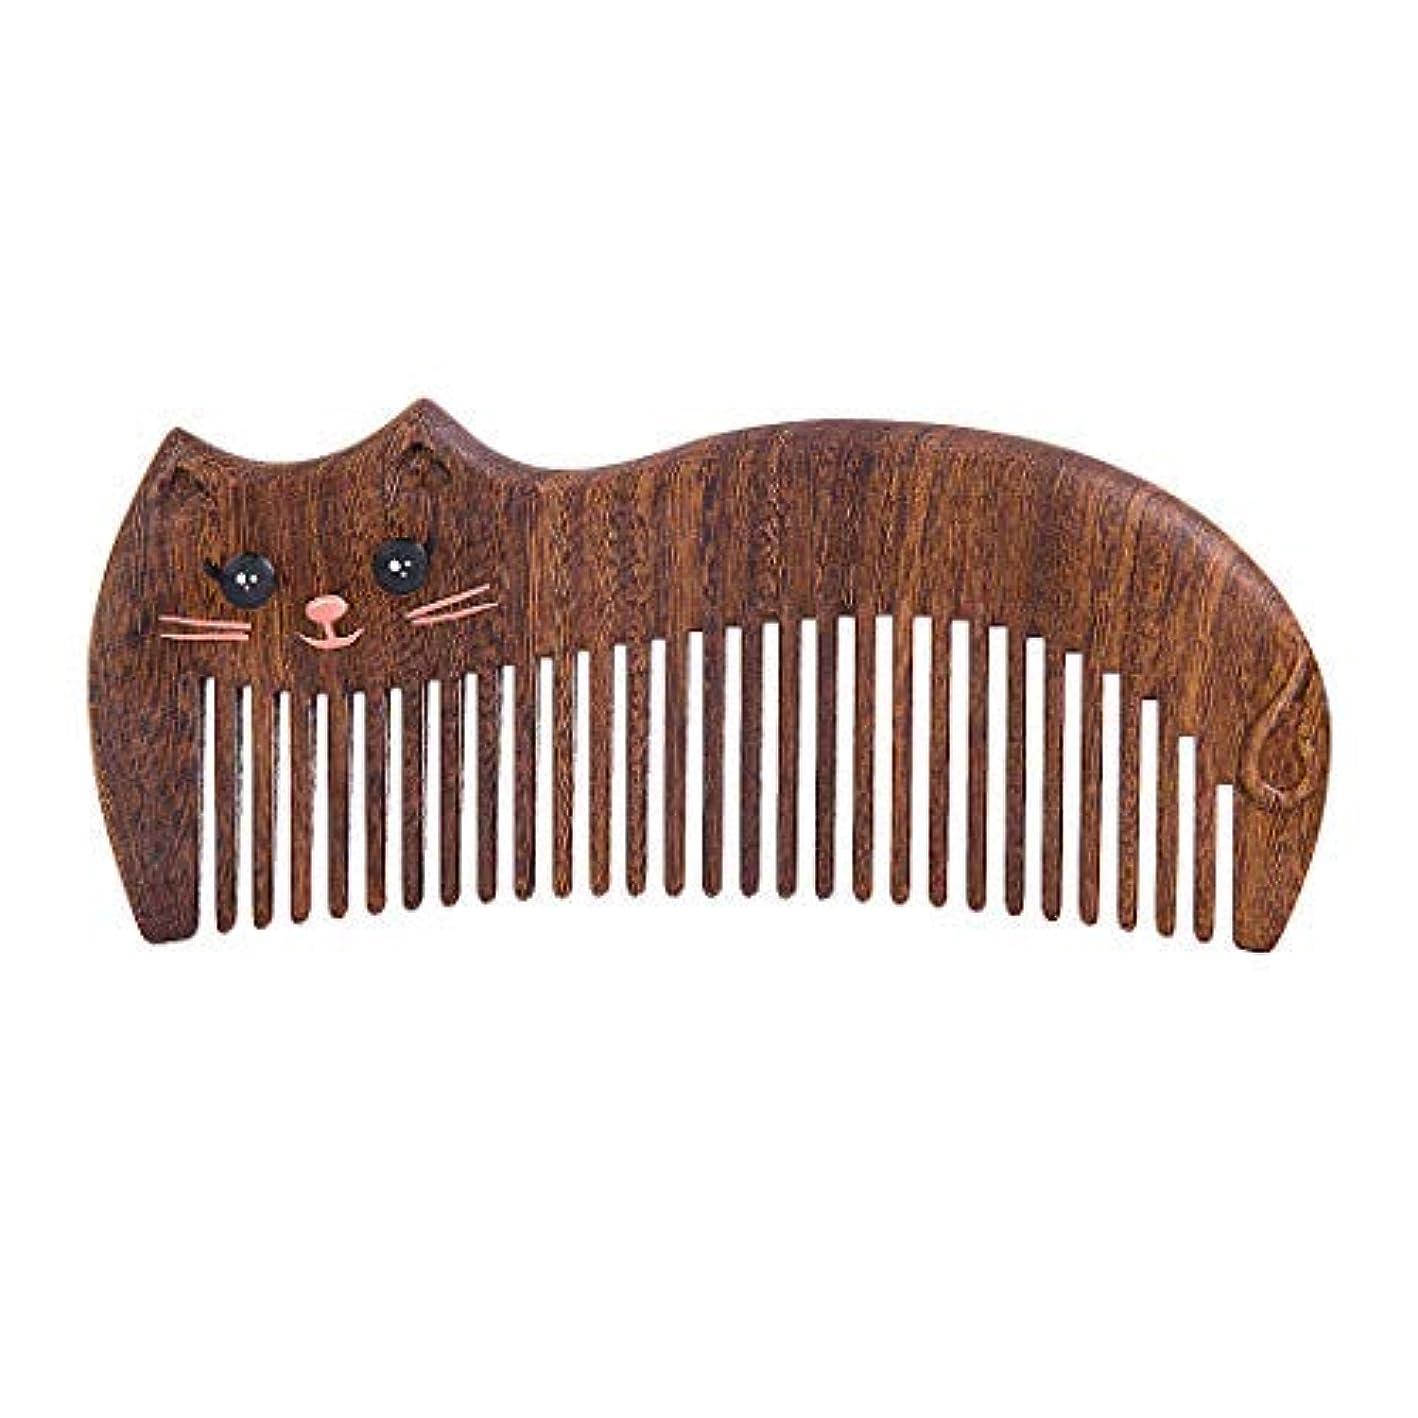 ボートロデオ略奪Anti-Static Wood Shaped Kitty Cat Comb [並行輸入品]